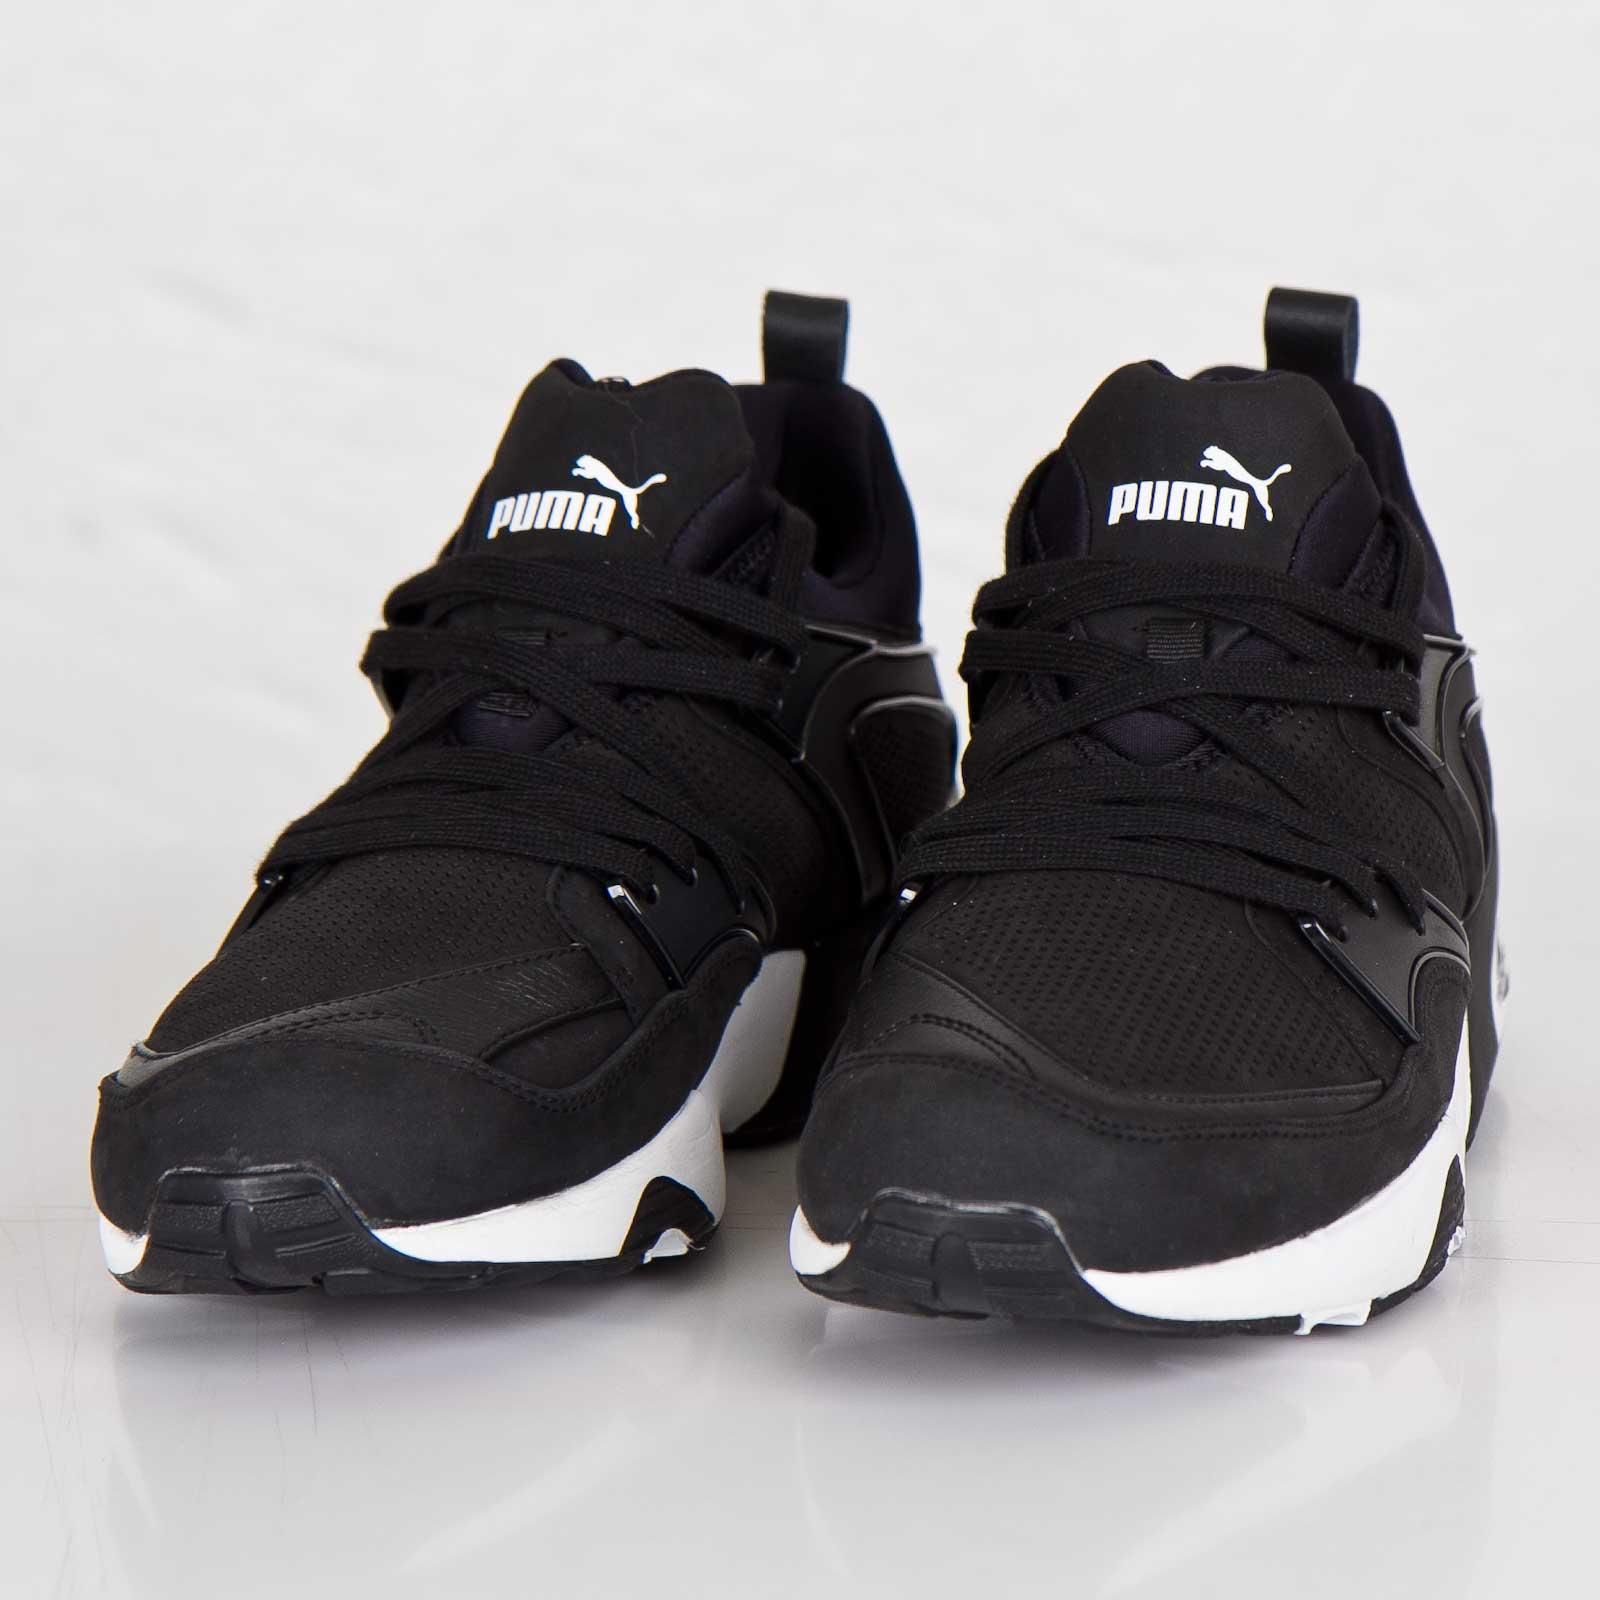 100% authentique d0c24 ce5d4 Puma Trinomic Blaze Tech - 357418-01 - Sneakersnstuff ...